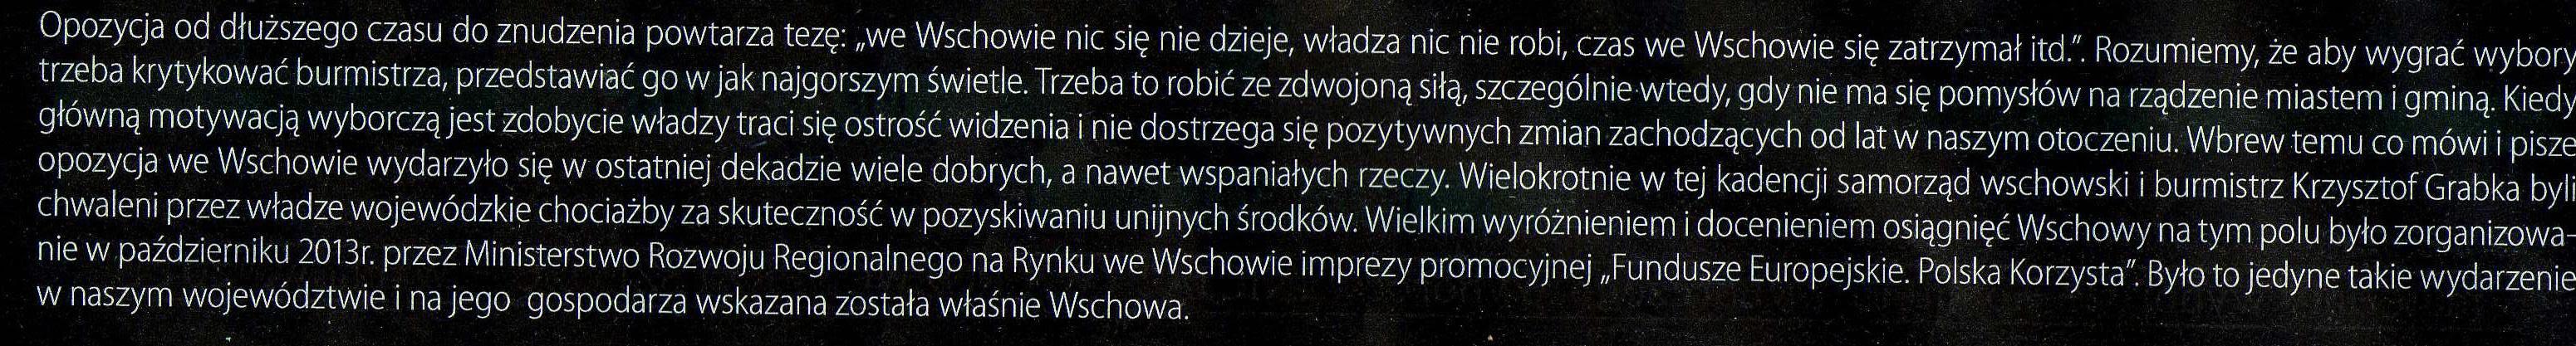 gazeta zw.pl biuletyn